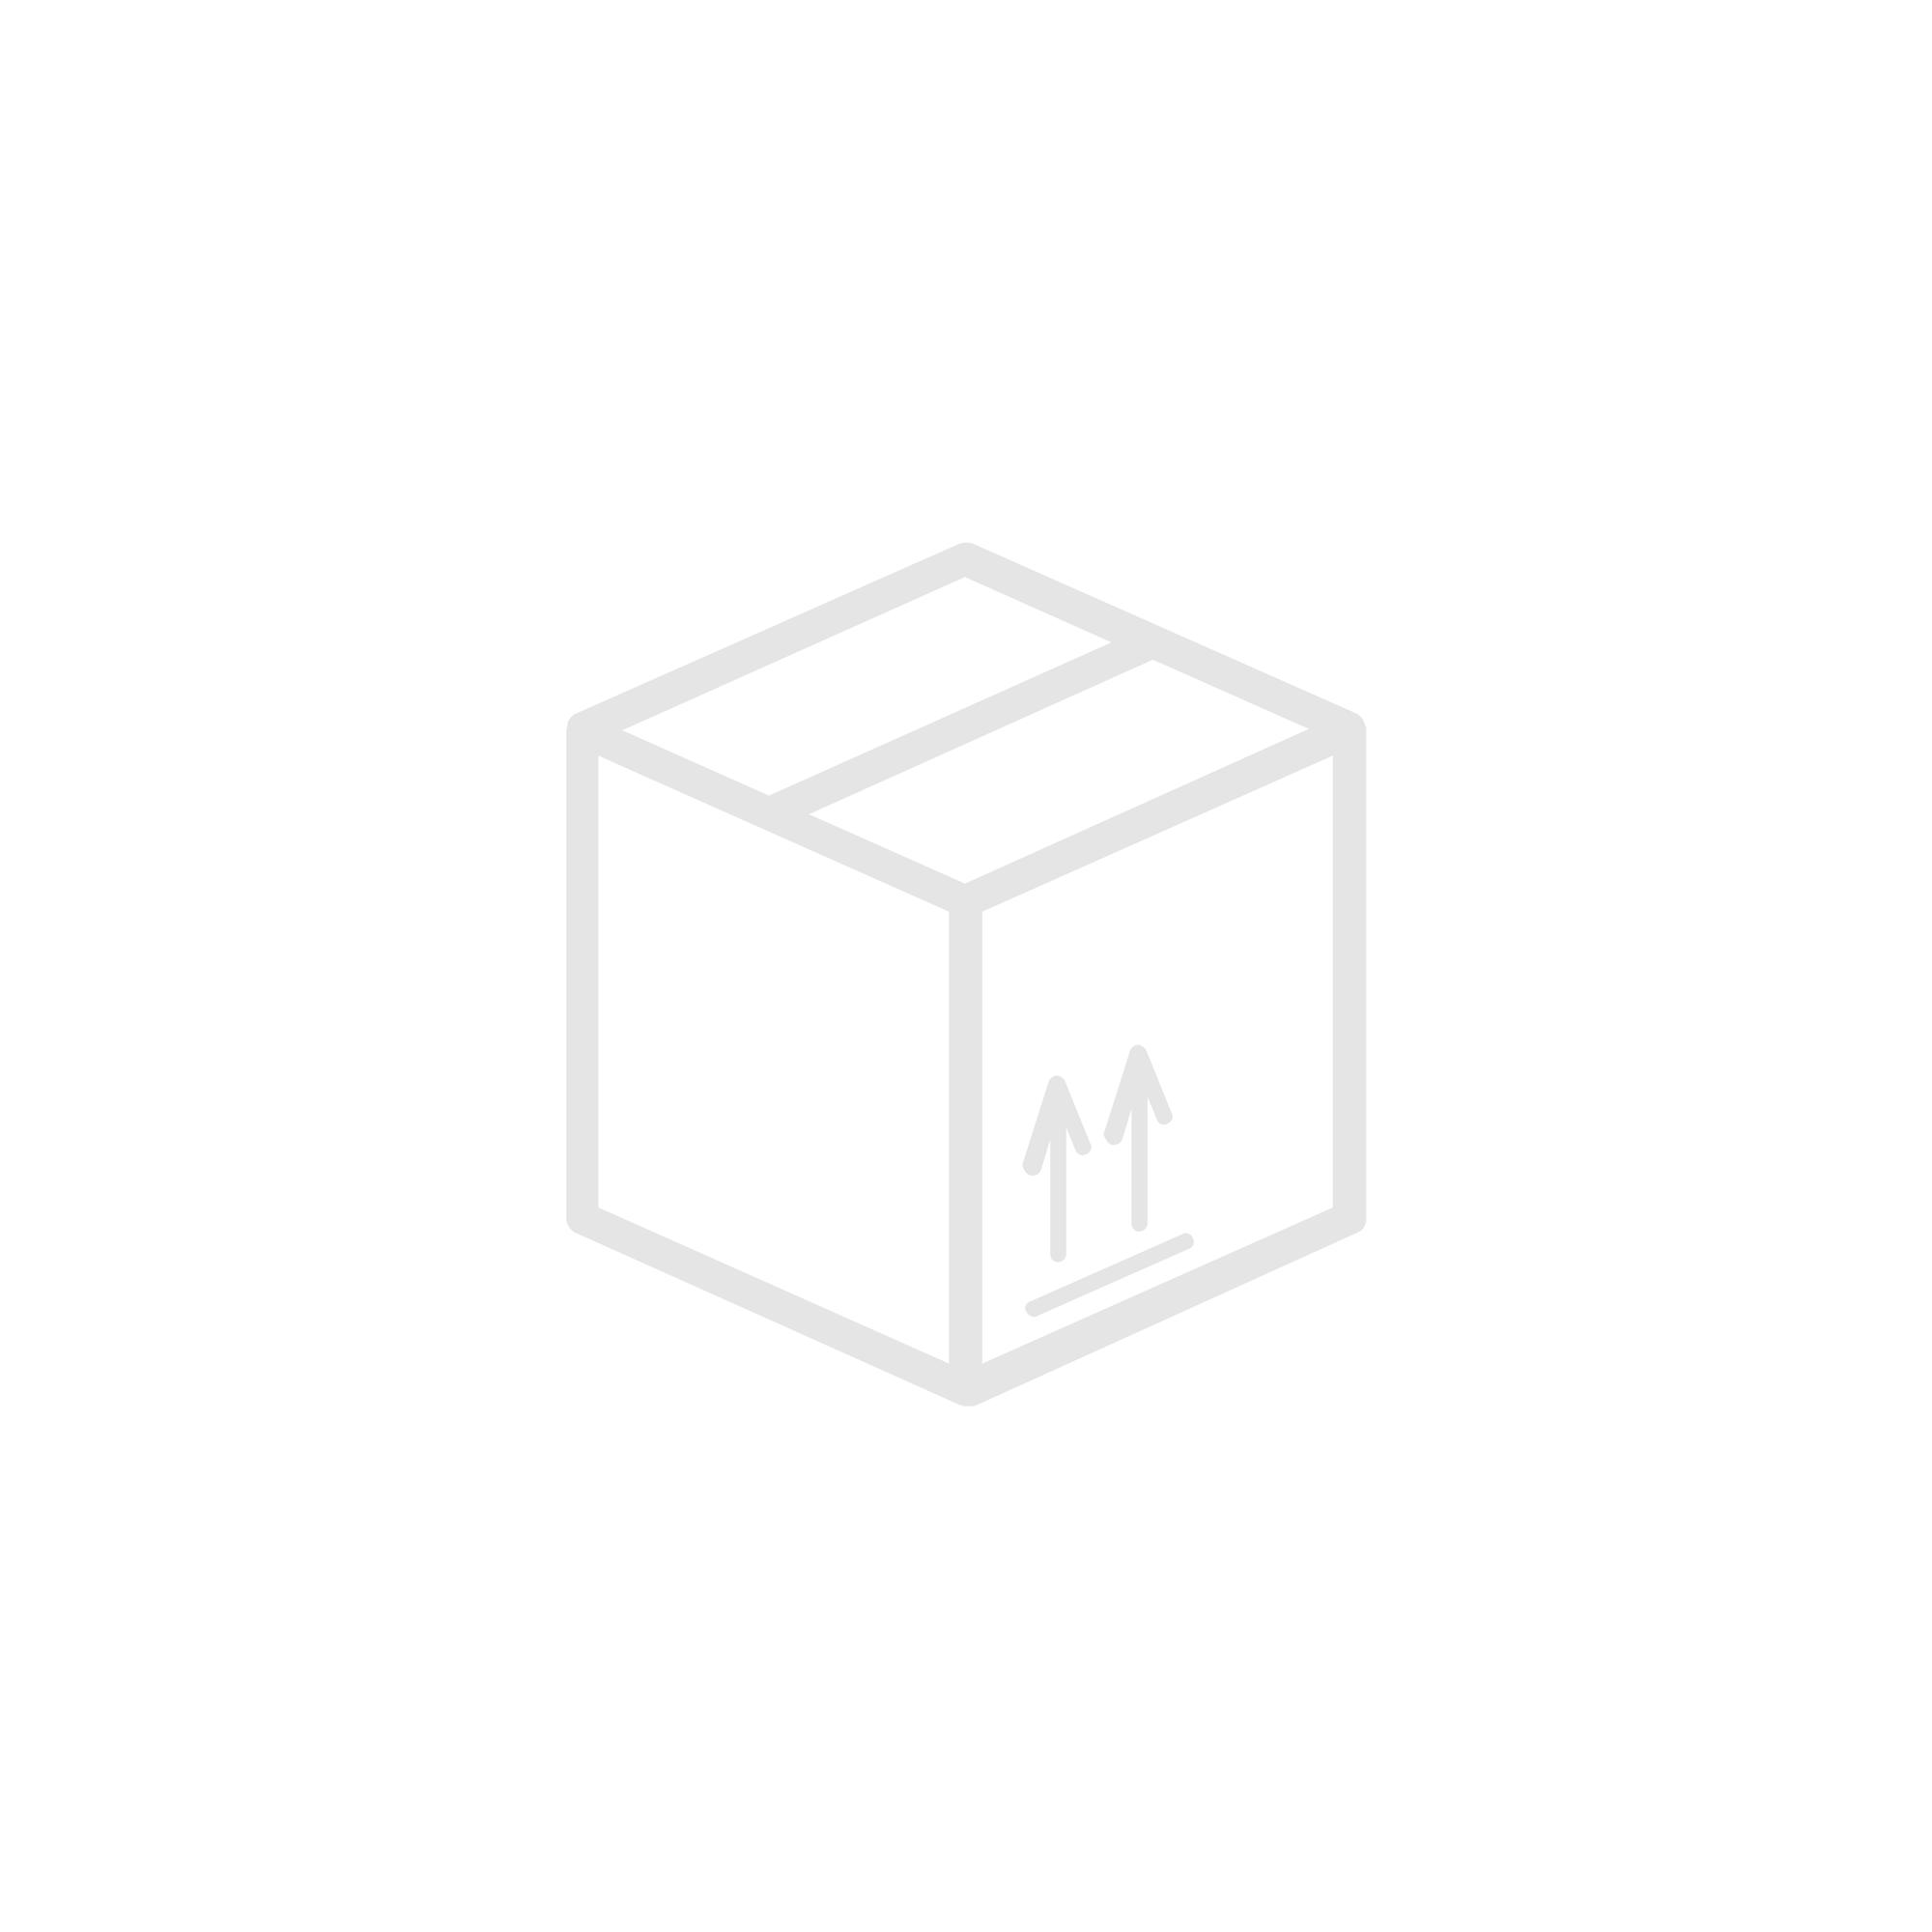 KANLUX LED reflektor ANTRA 10W studená bílá, šedá IP65